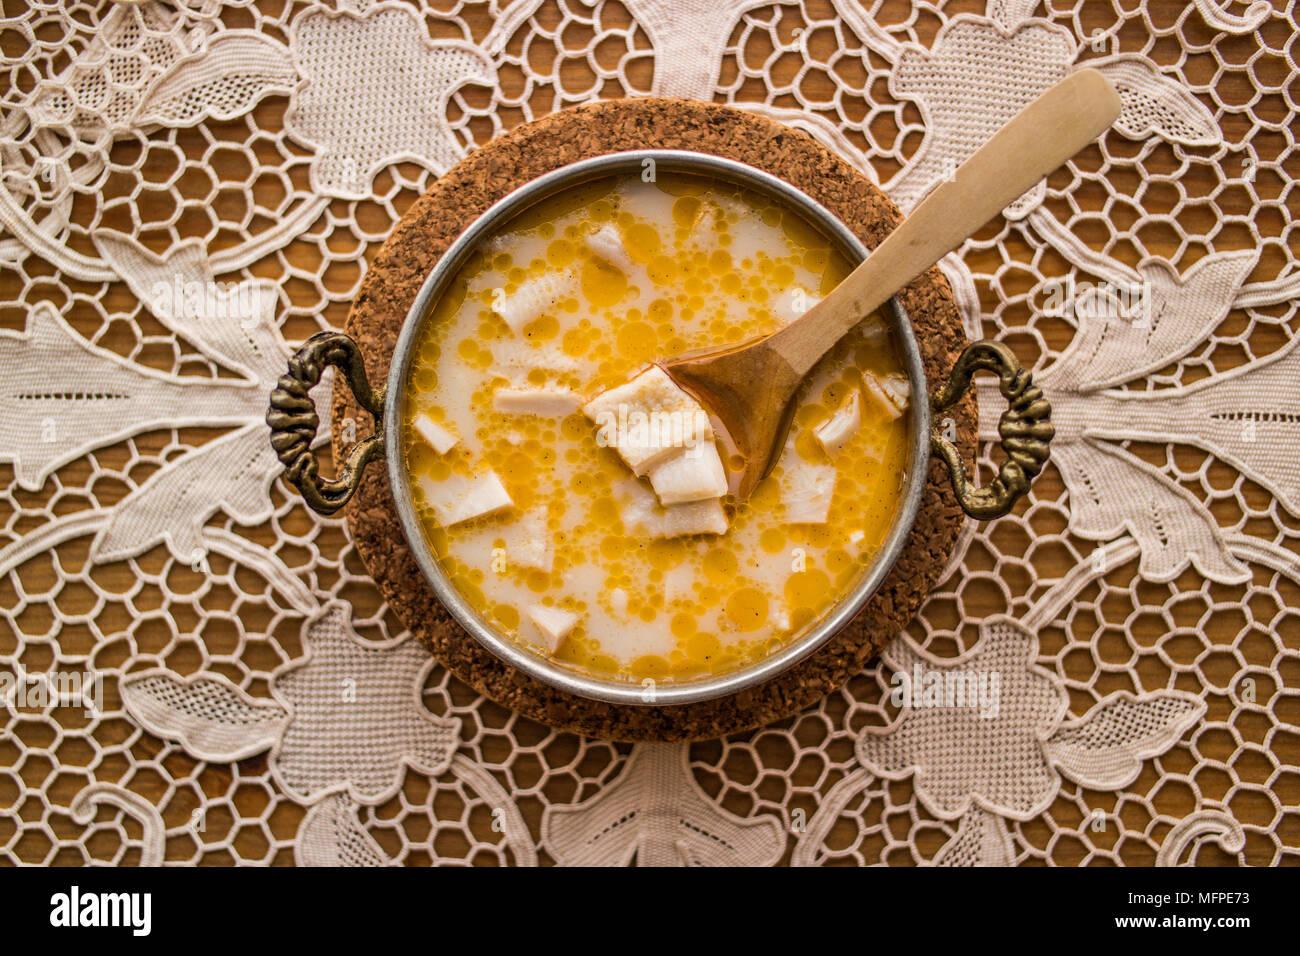 Osteuropäische Küche   Iskembe Kutteln Suppe Ist Eine Gemeinsame Teller In Balkan